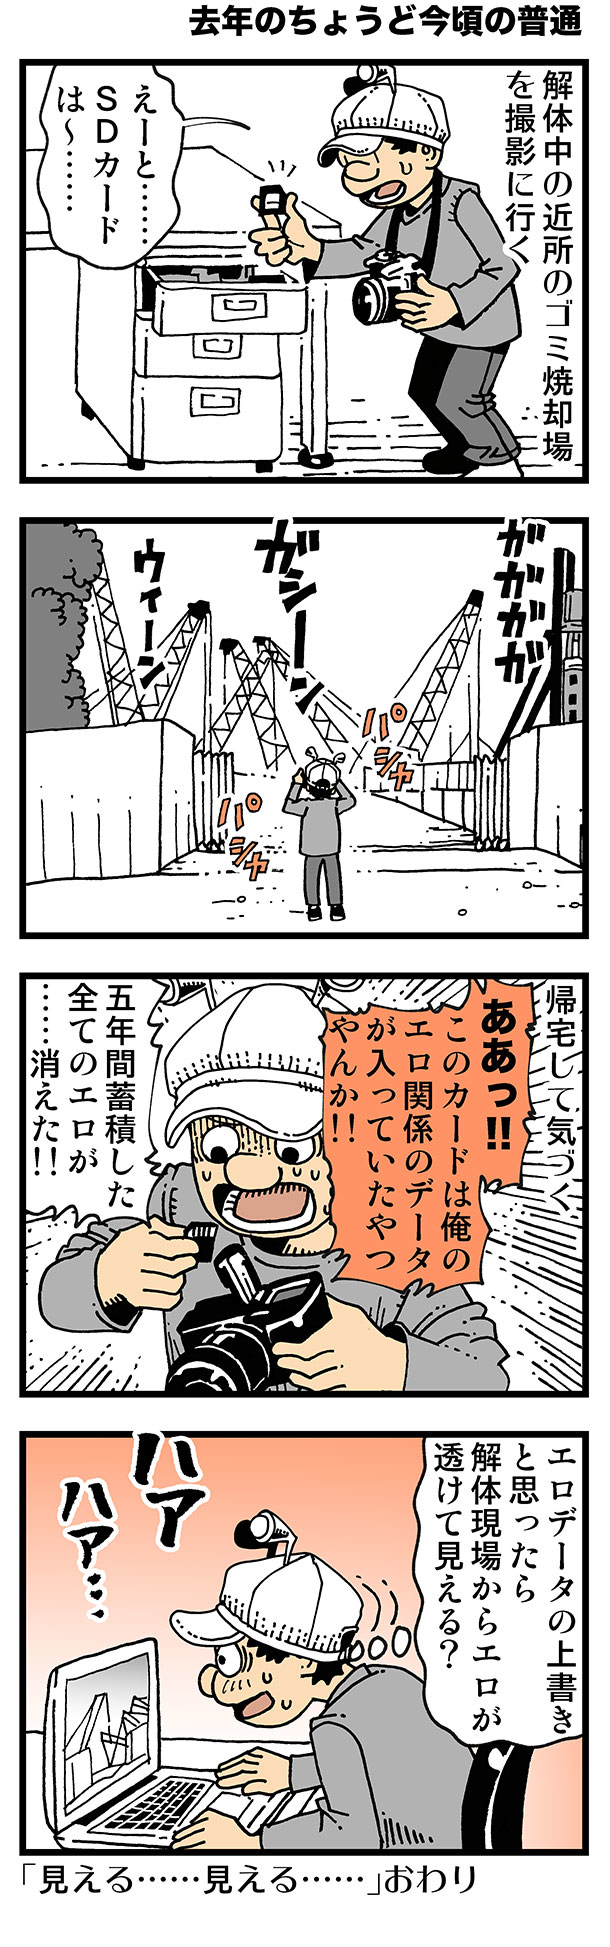 【去年のちょうど今頃の普通】消去消去消去消去!!